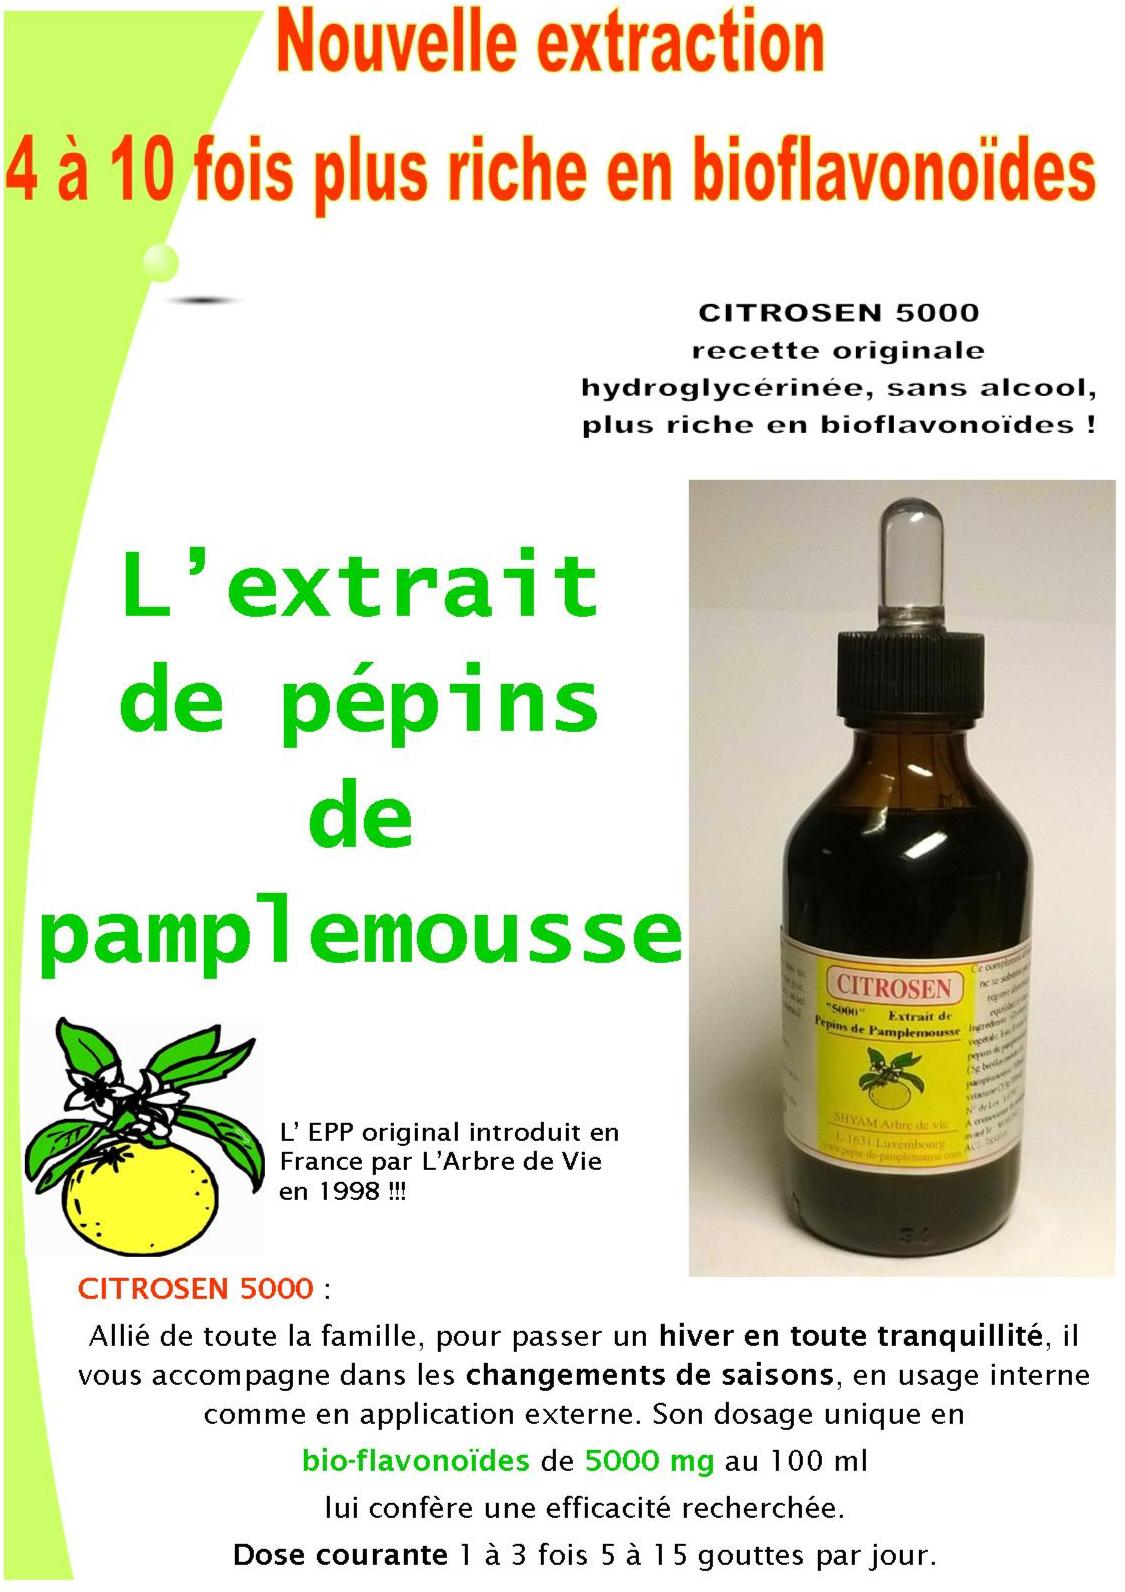 citrosen 5000